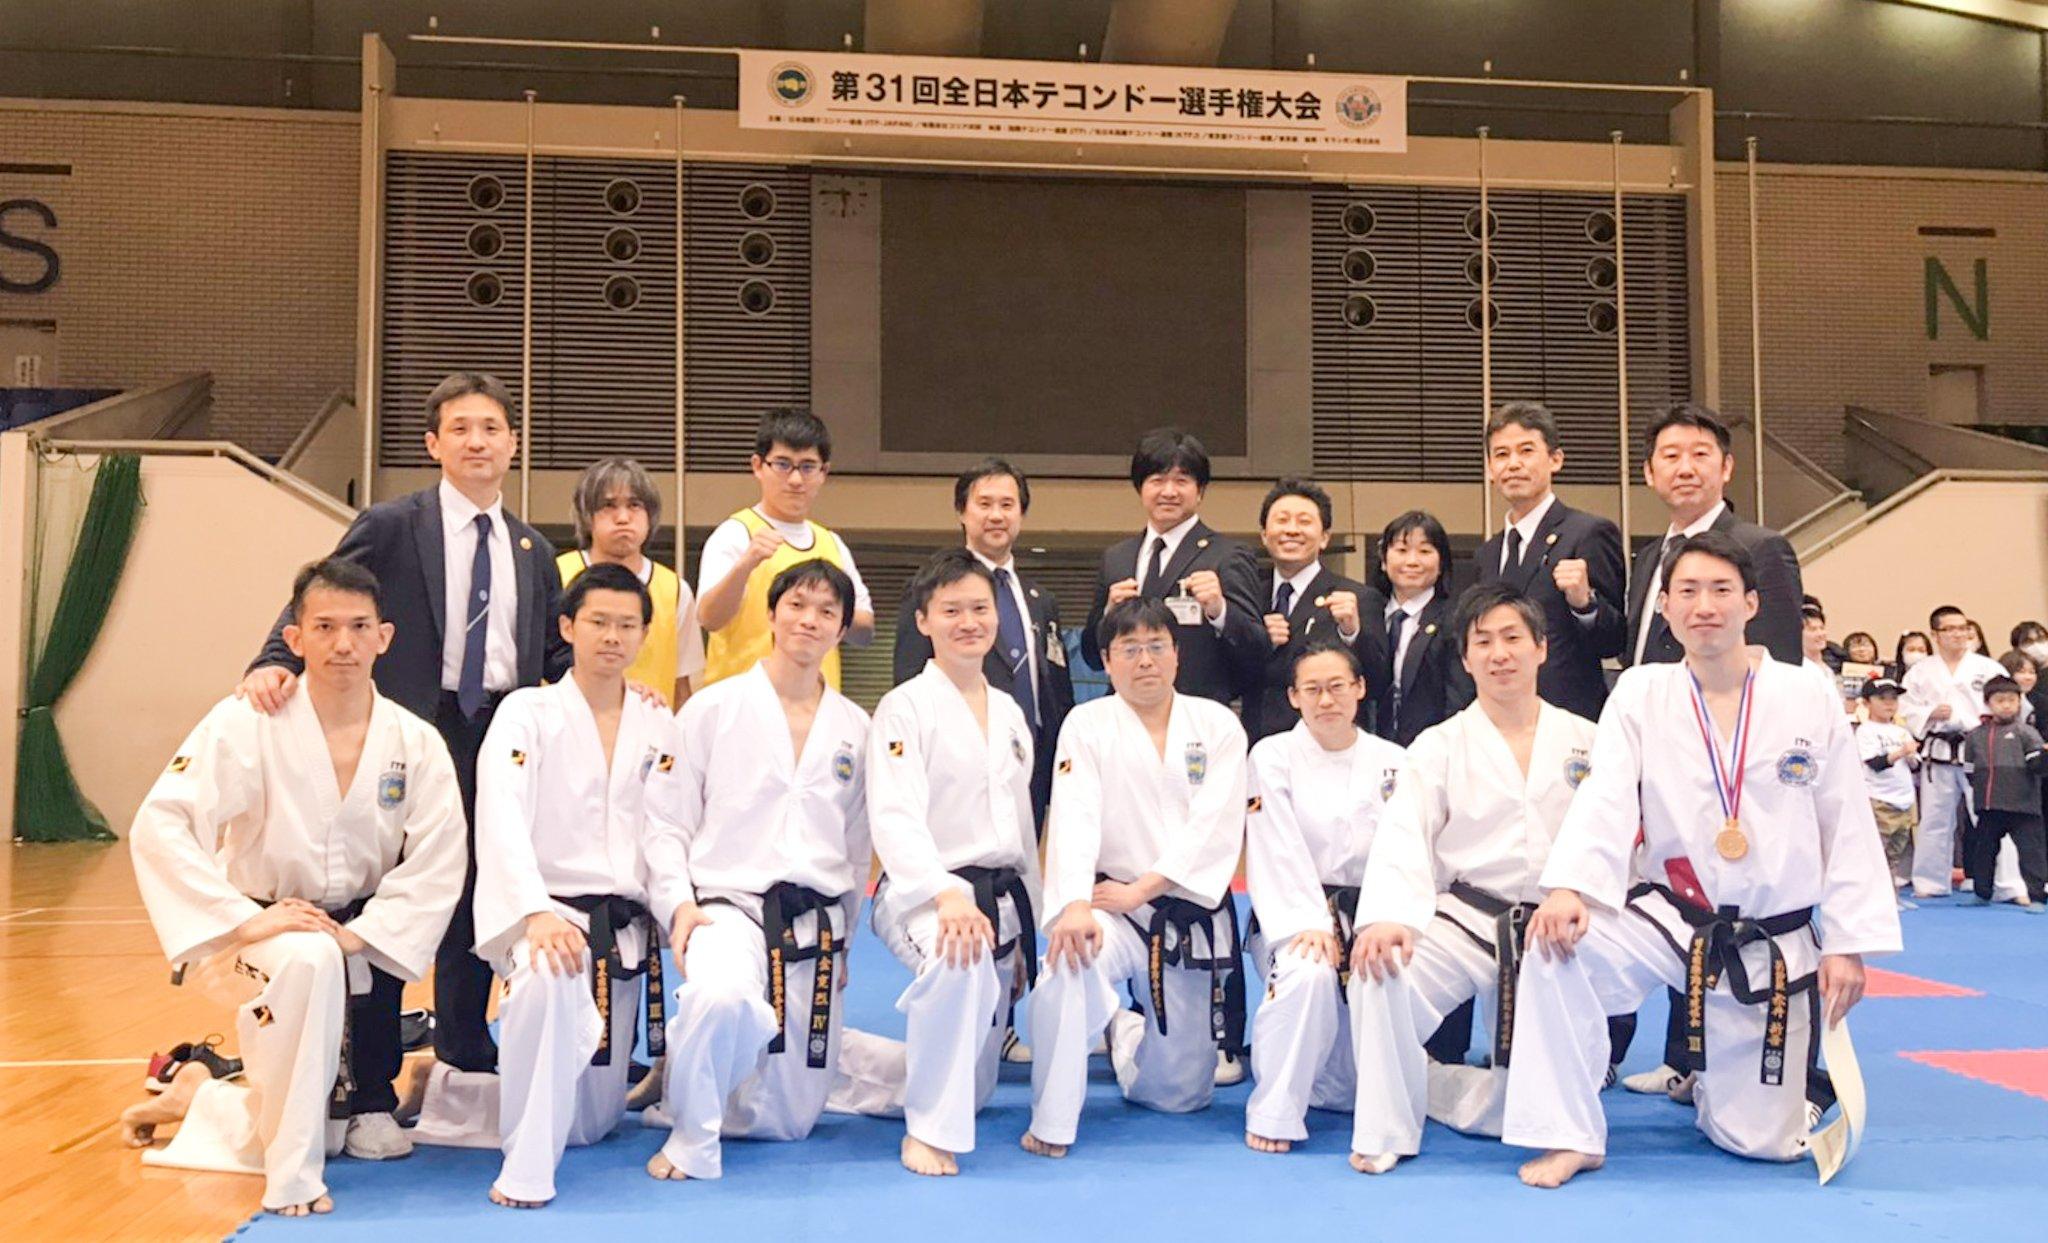 第31回全日本テコンドー選手権大会